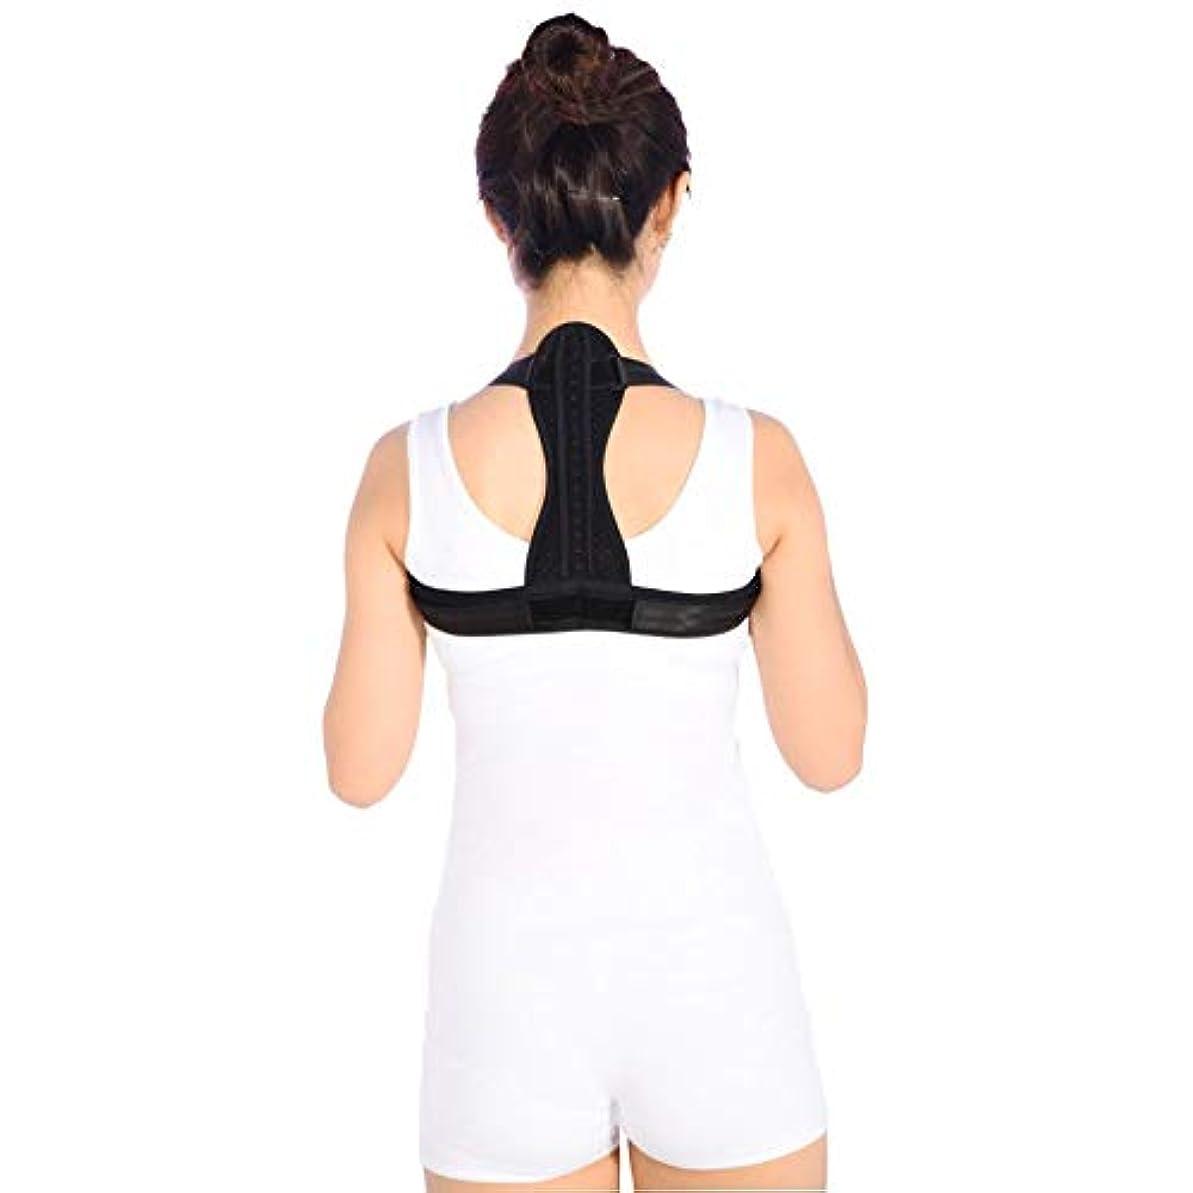 通気性の脊柱側弯症ザトウクジラ補正ベルト調節可能な快適さ目に見えないベルト男性女性大人学生子供 - 黒